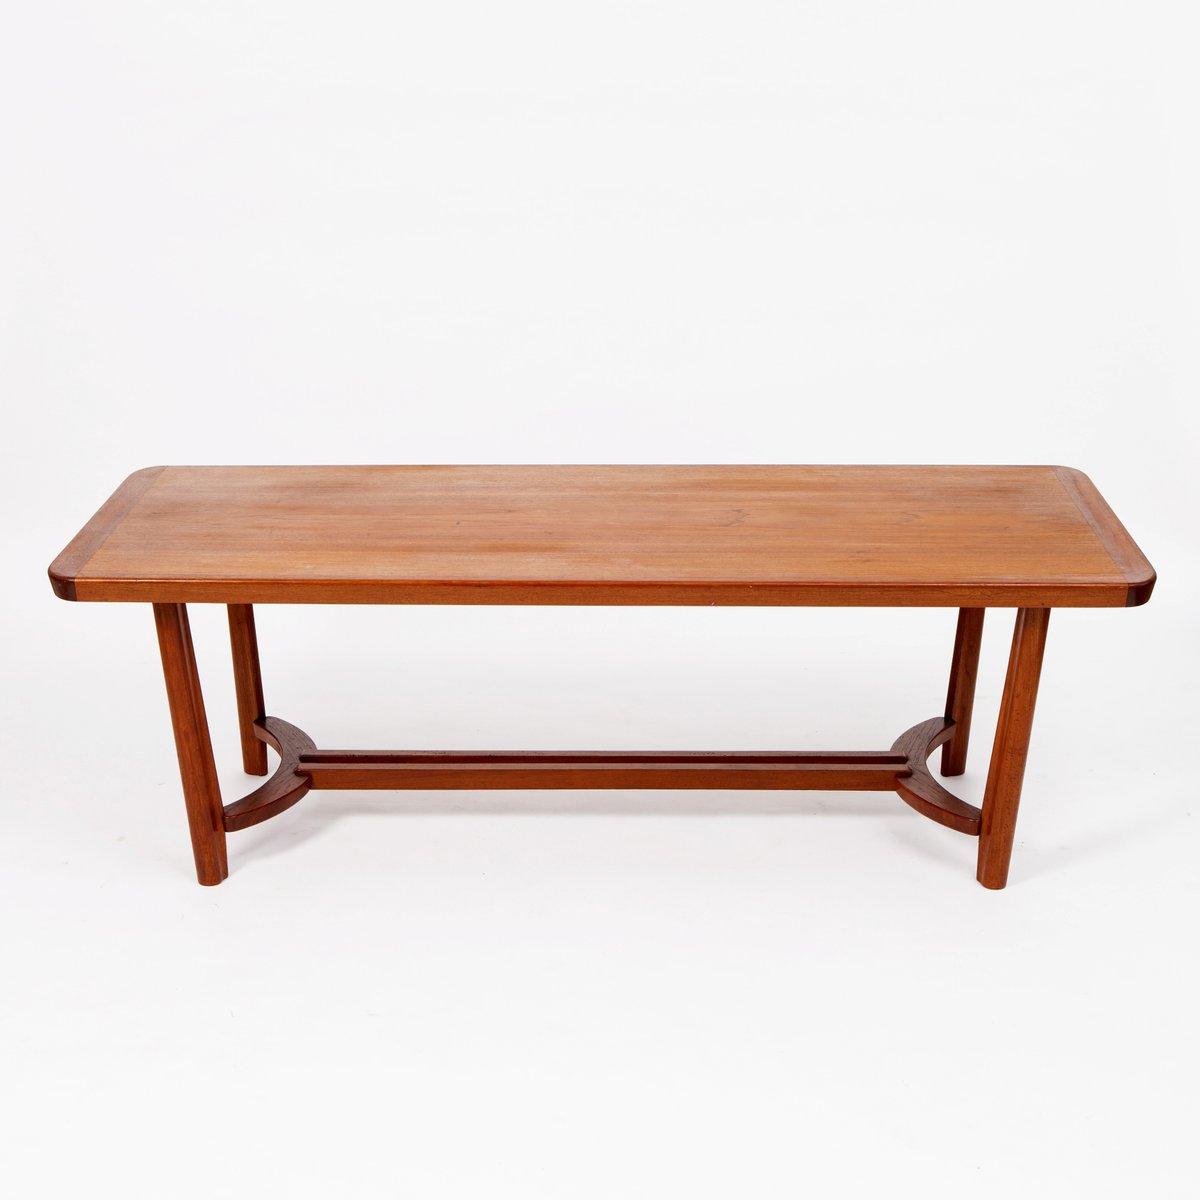 skandinavischer mid centry teak couchtisch bei pamono kaufen. Black Bedroom Furniture Sets. Home Design Ideas